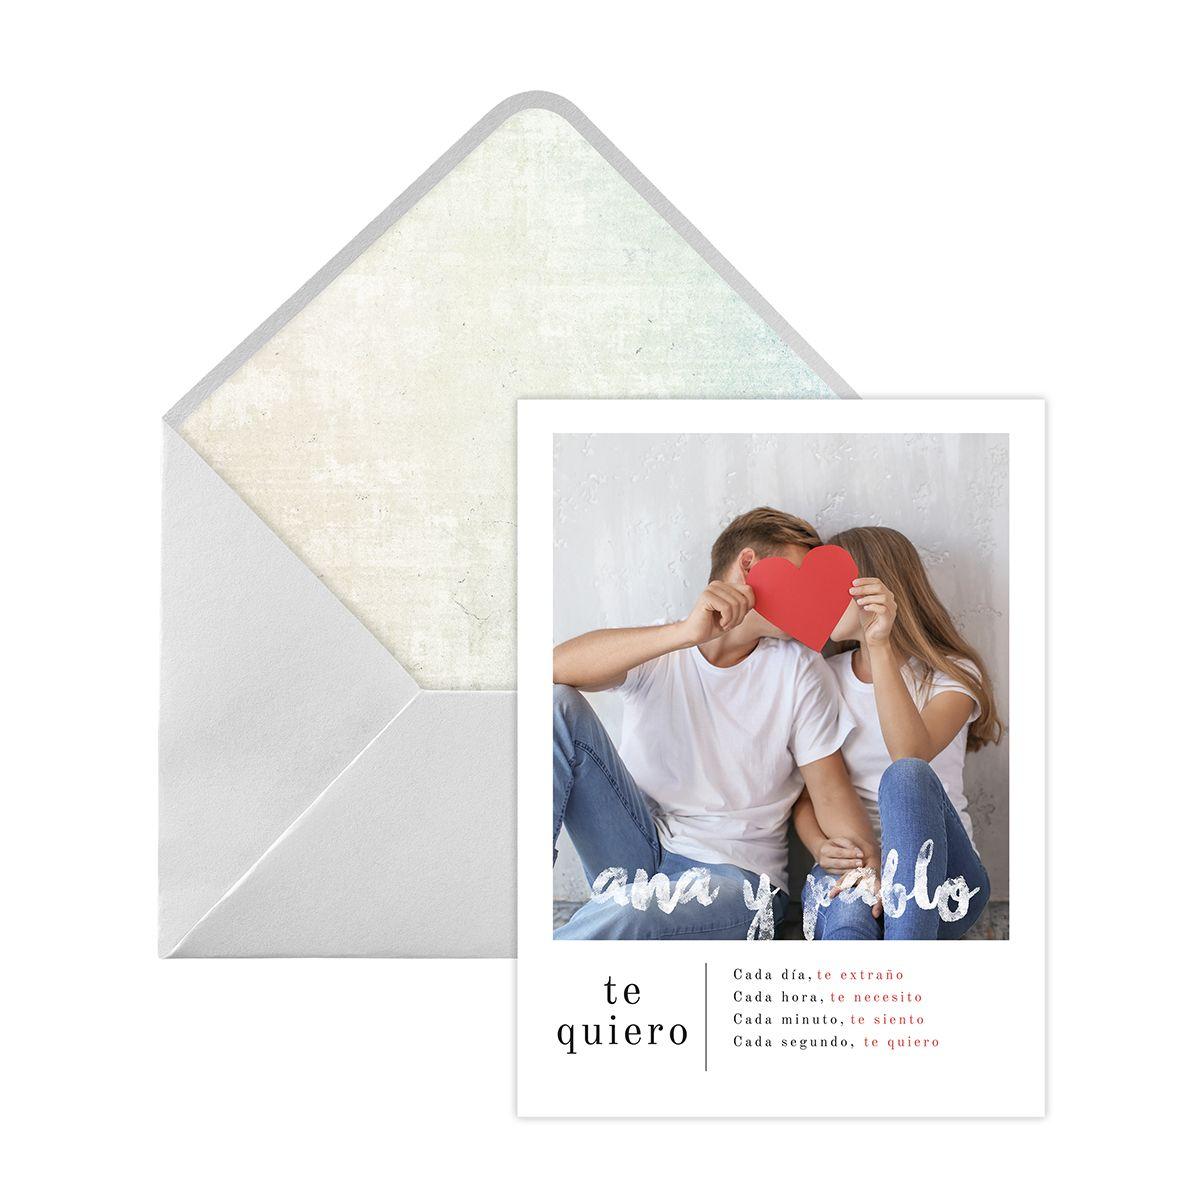 San Valentin Ciro Digital